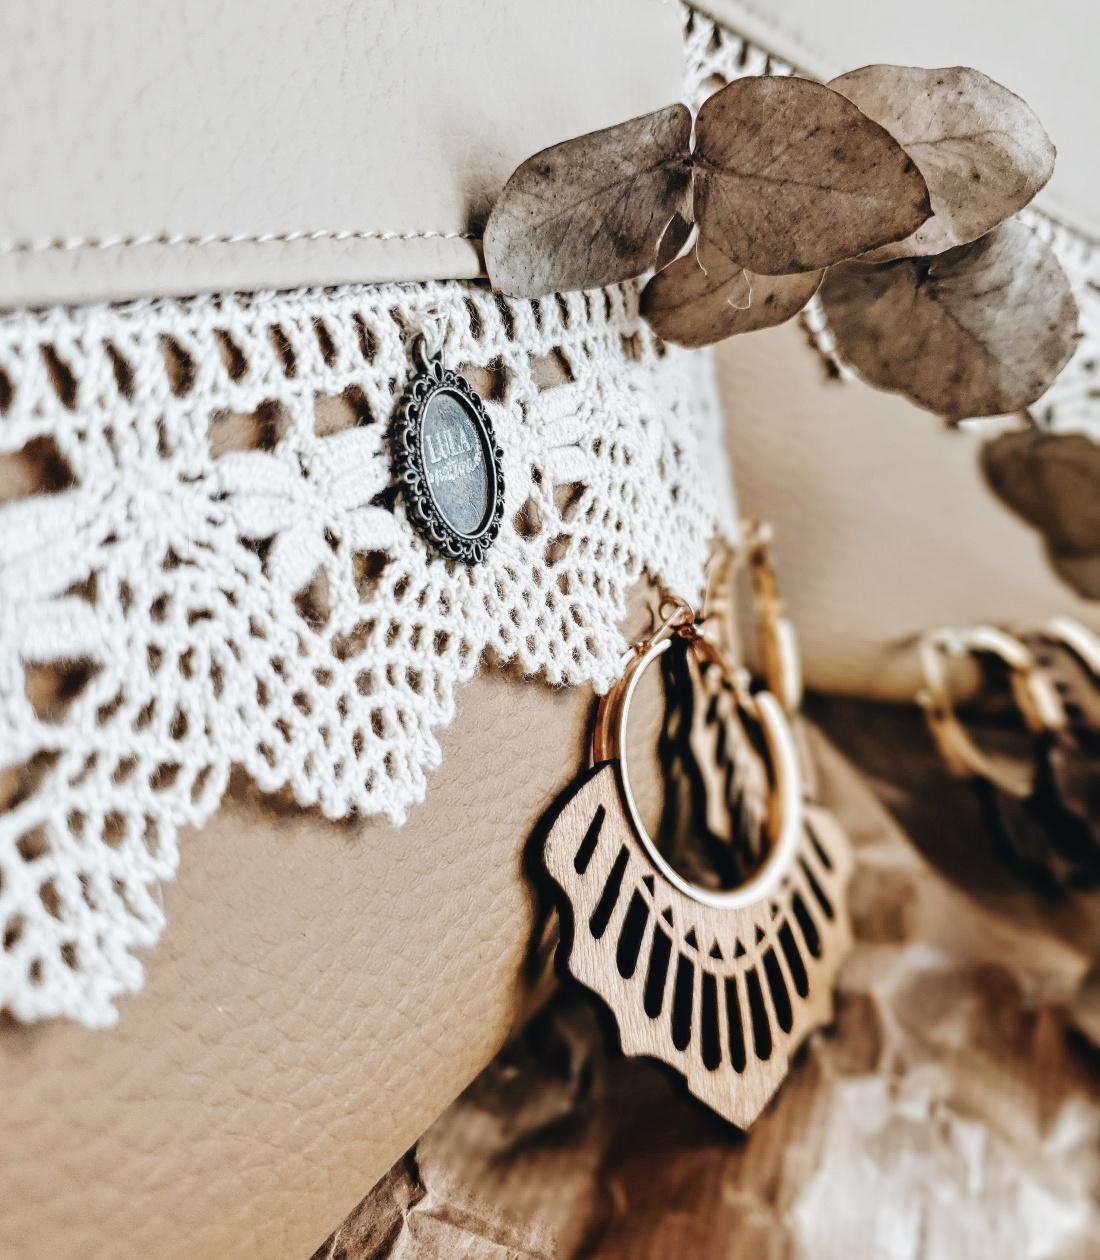 lula natura, diseños artesanales